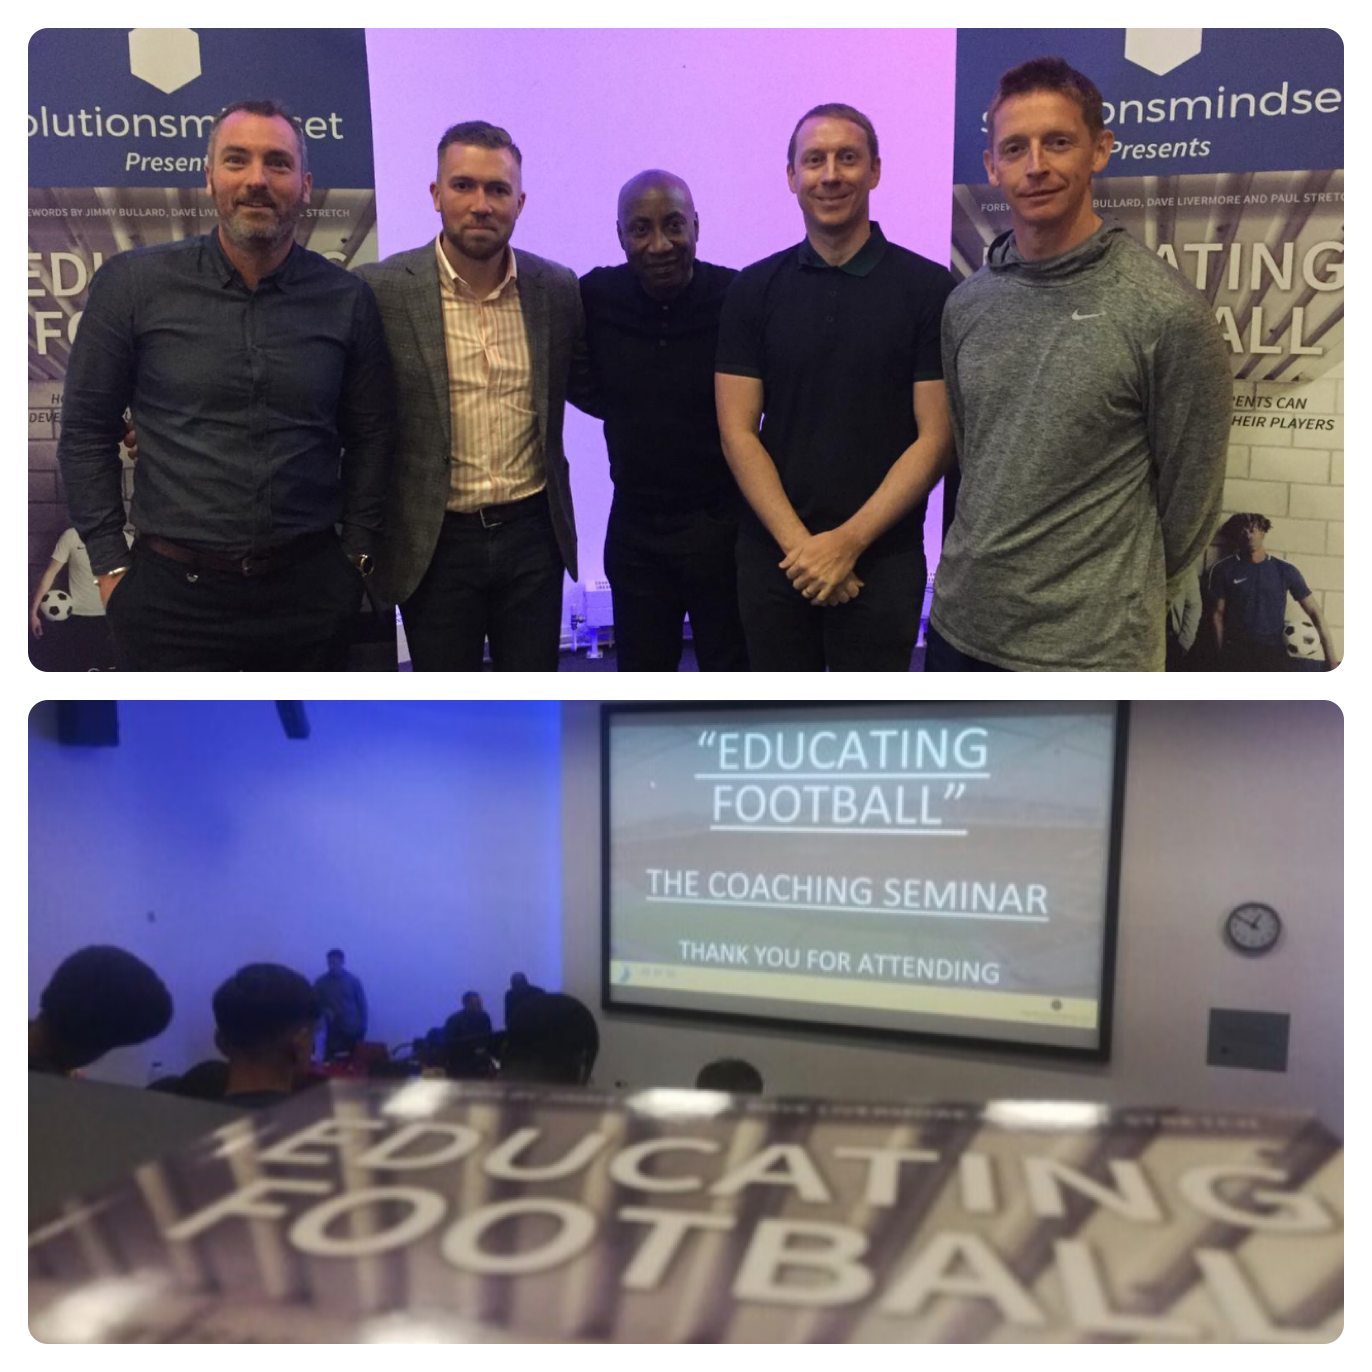 EDUCATING FOOTBALL - THE SEMINAR.  GREENWICH UNIVERSITY - 25TH MAY 2019